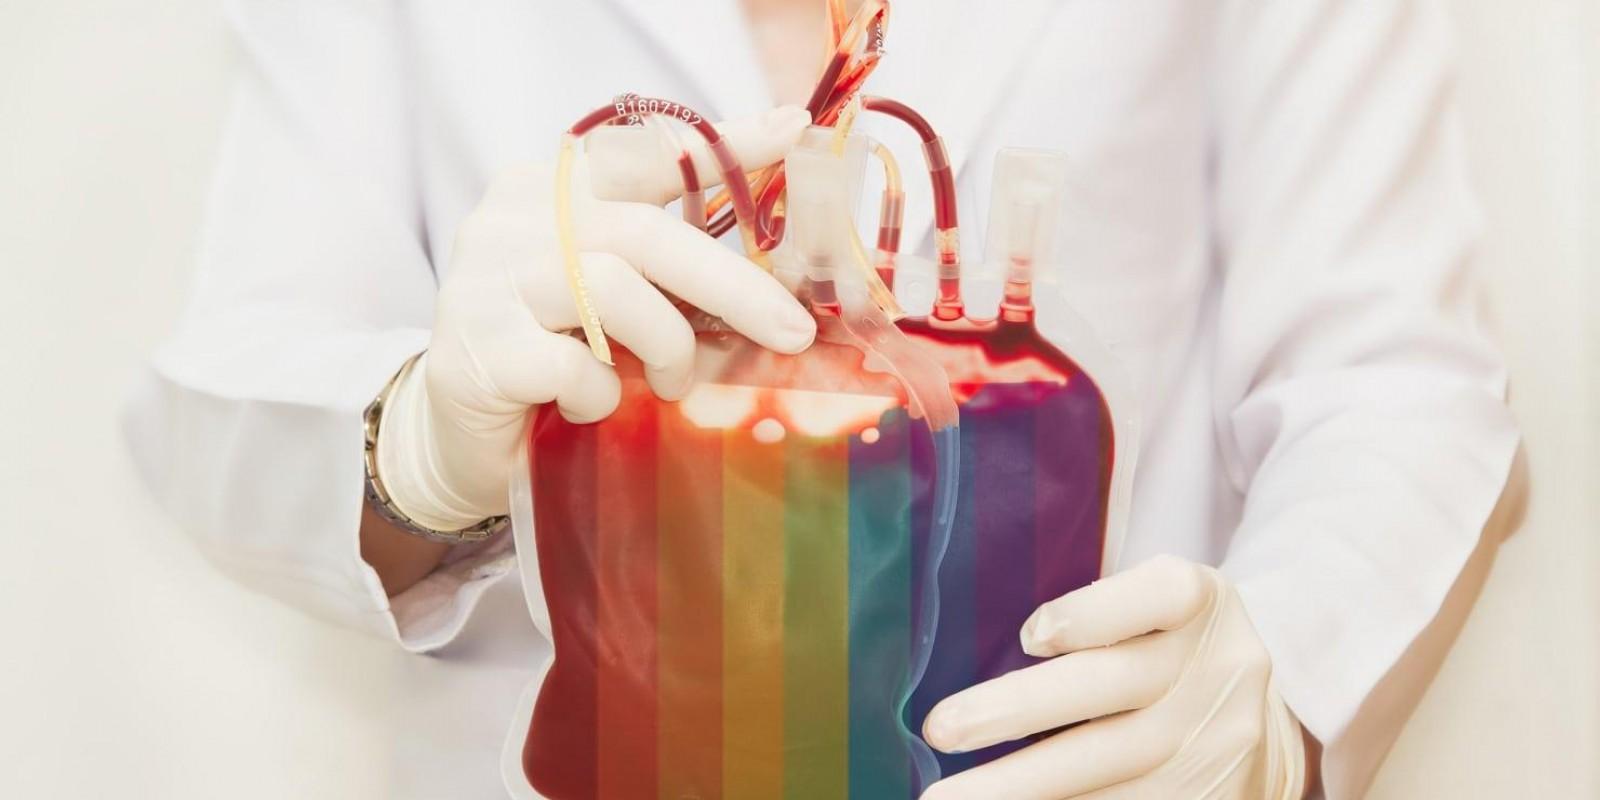 Doadores De Sangue: A Decisão Que Incluiu Os Homens Homossexuais